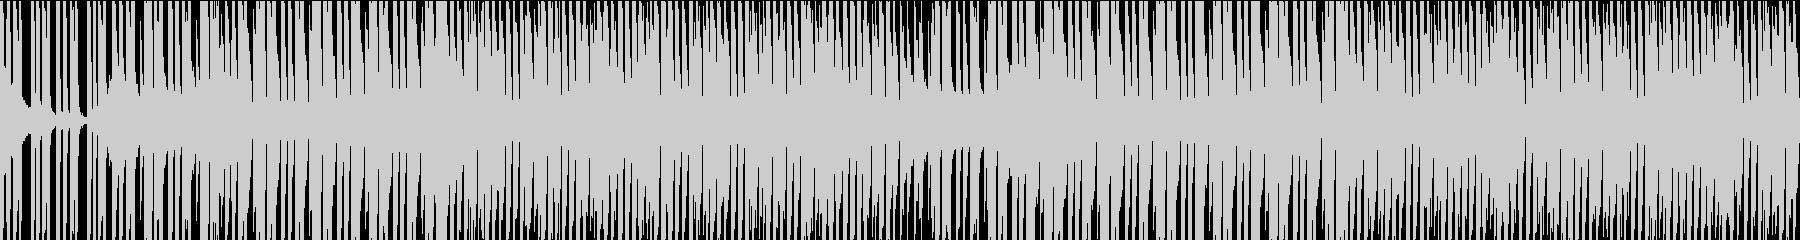 イケイケな夏のBGM(ループ)の未再生の波形